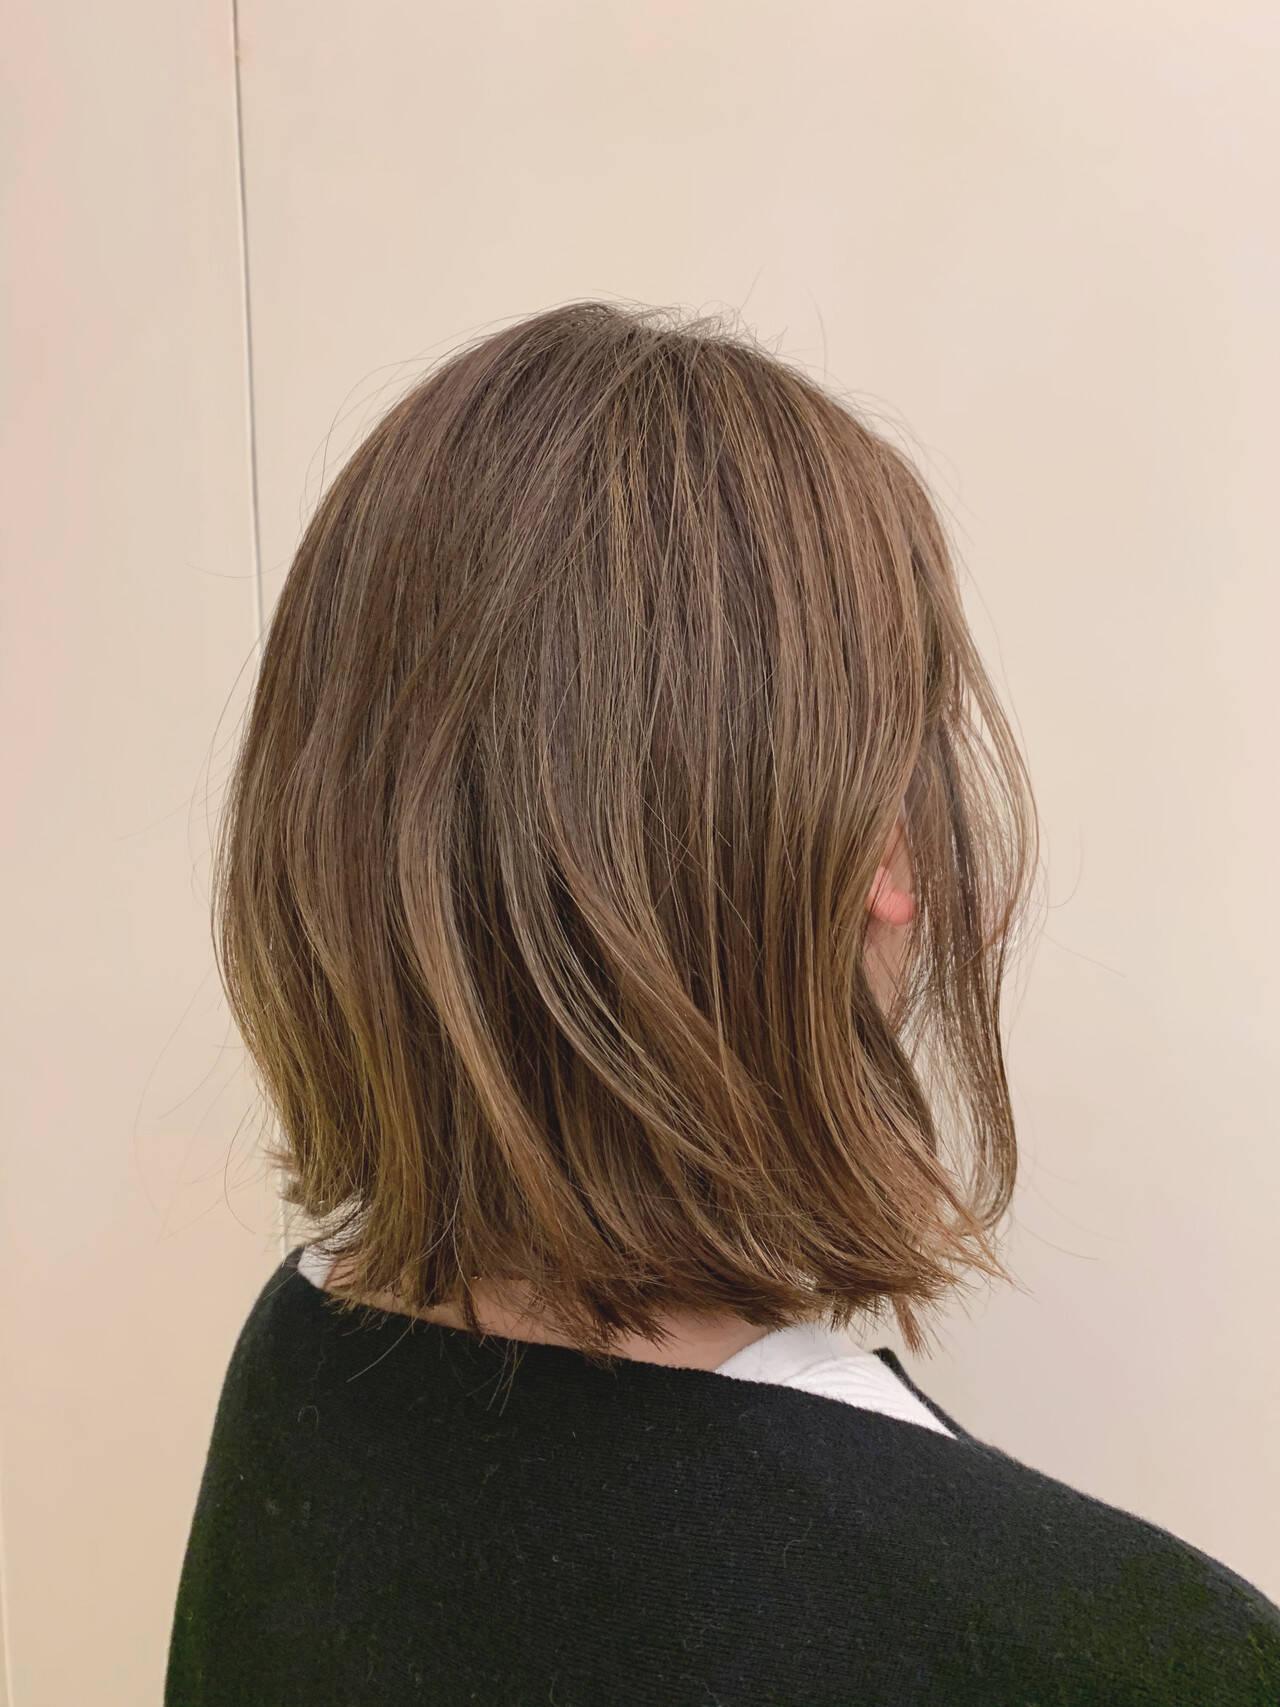 外ハネボブ 外ハネ ボブ 切りっぱなしボブヘアスタイルや髪型の写真・画像